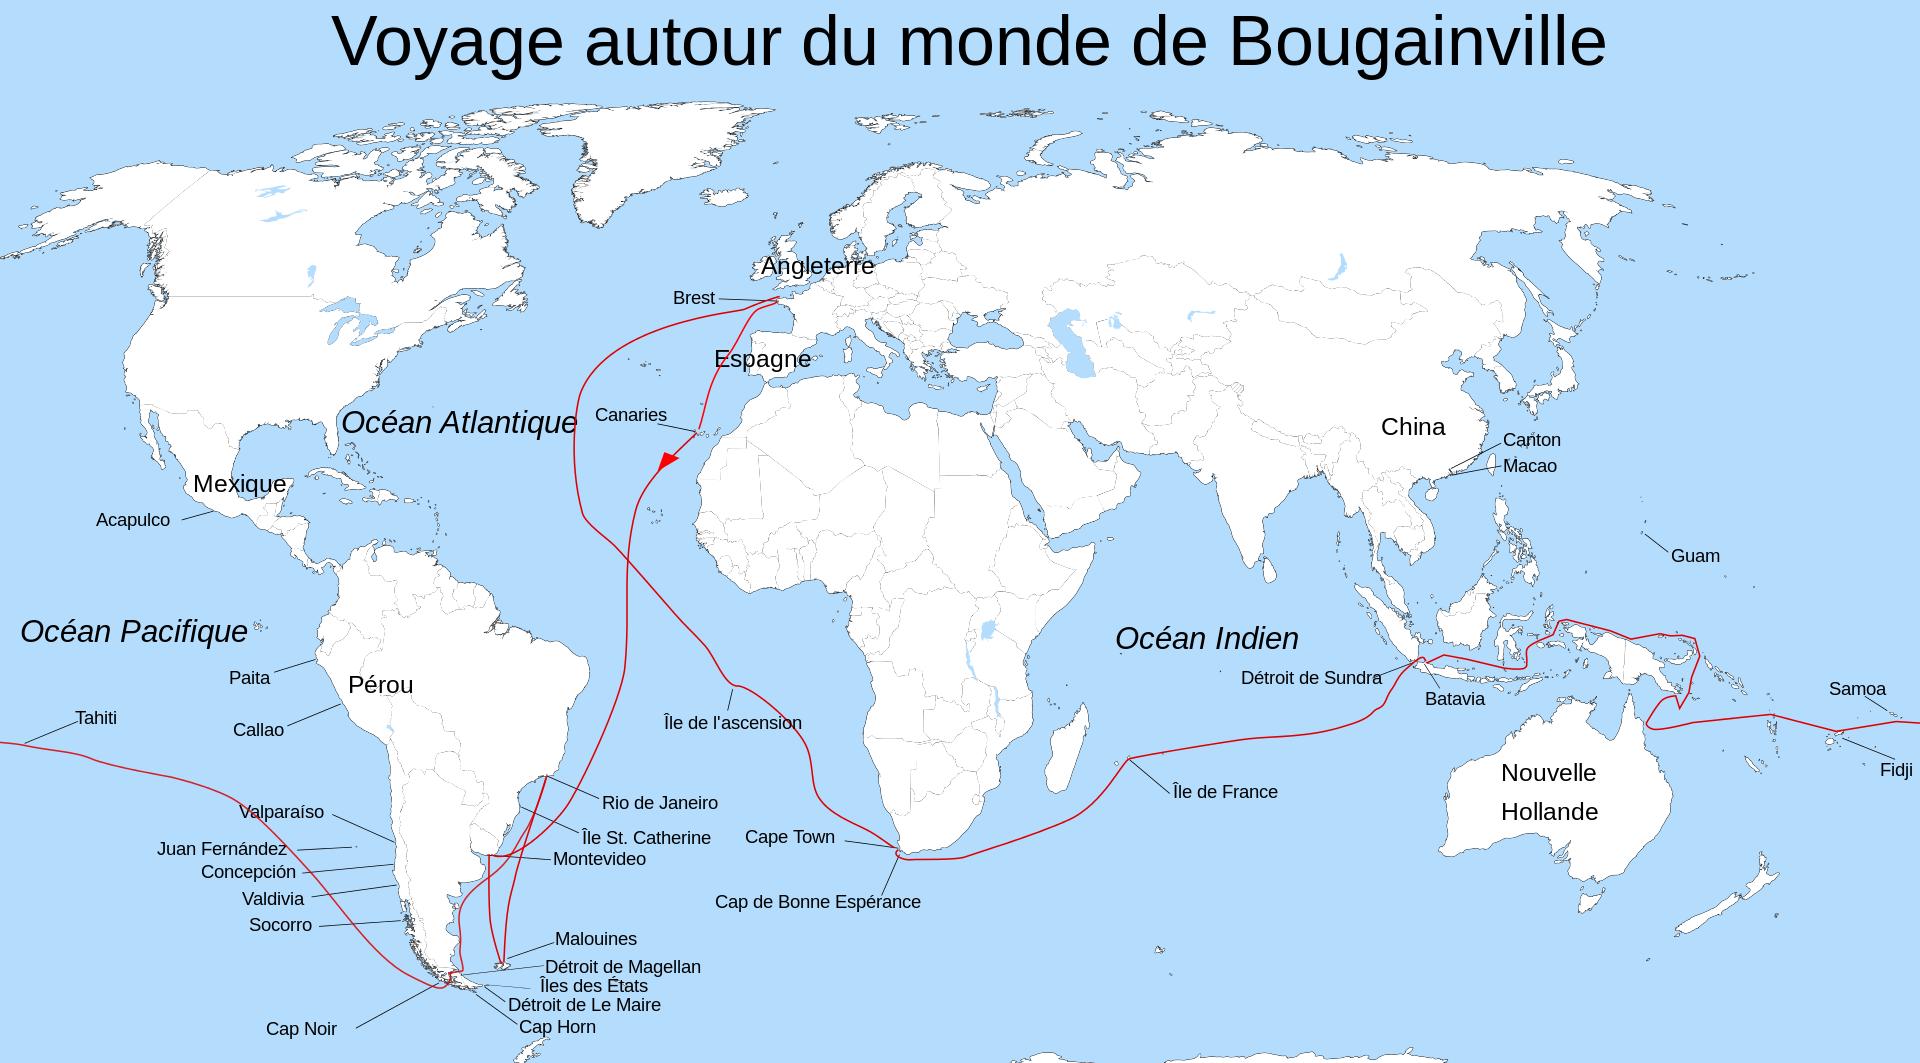 Le 6 avril 1768 Bougainville jeta l'ancre à Hitiaa, c'était il y a 250 ans